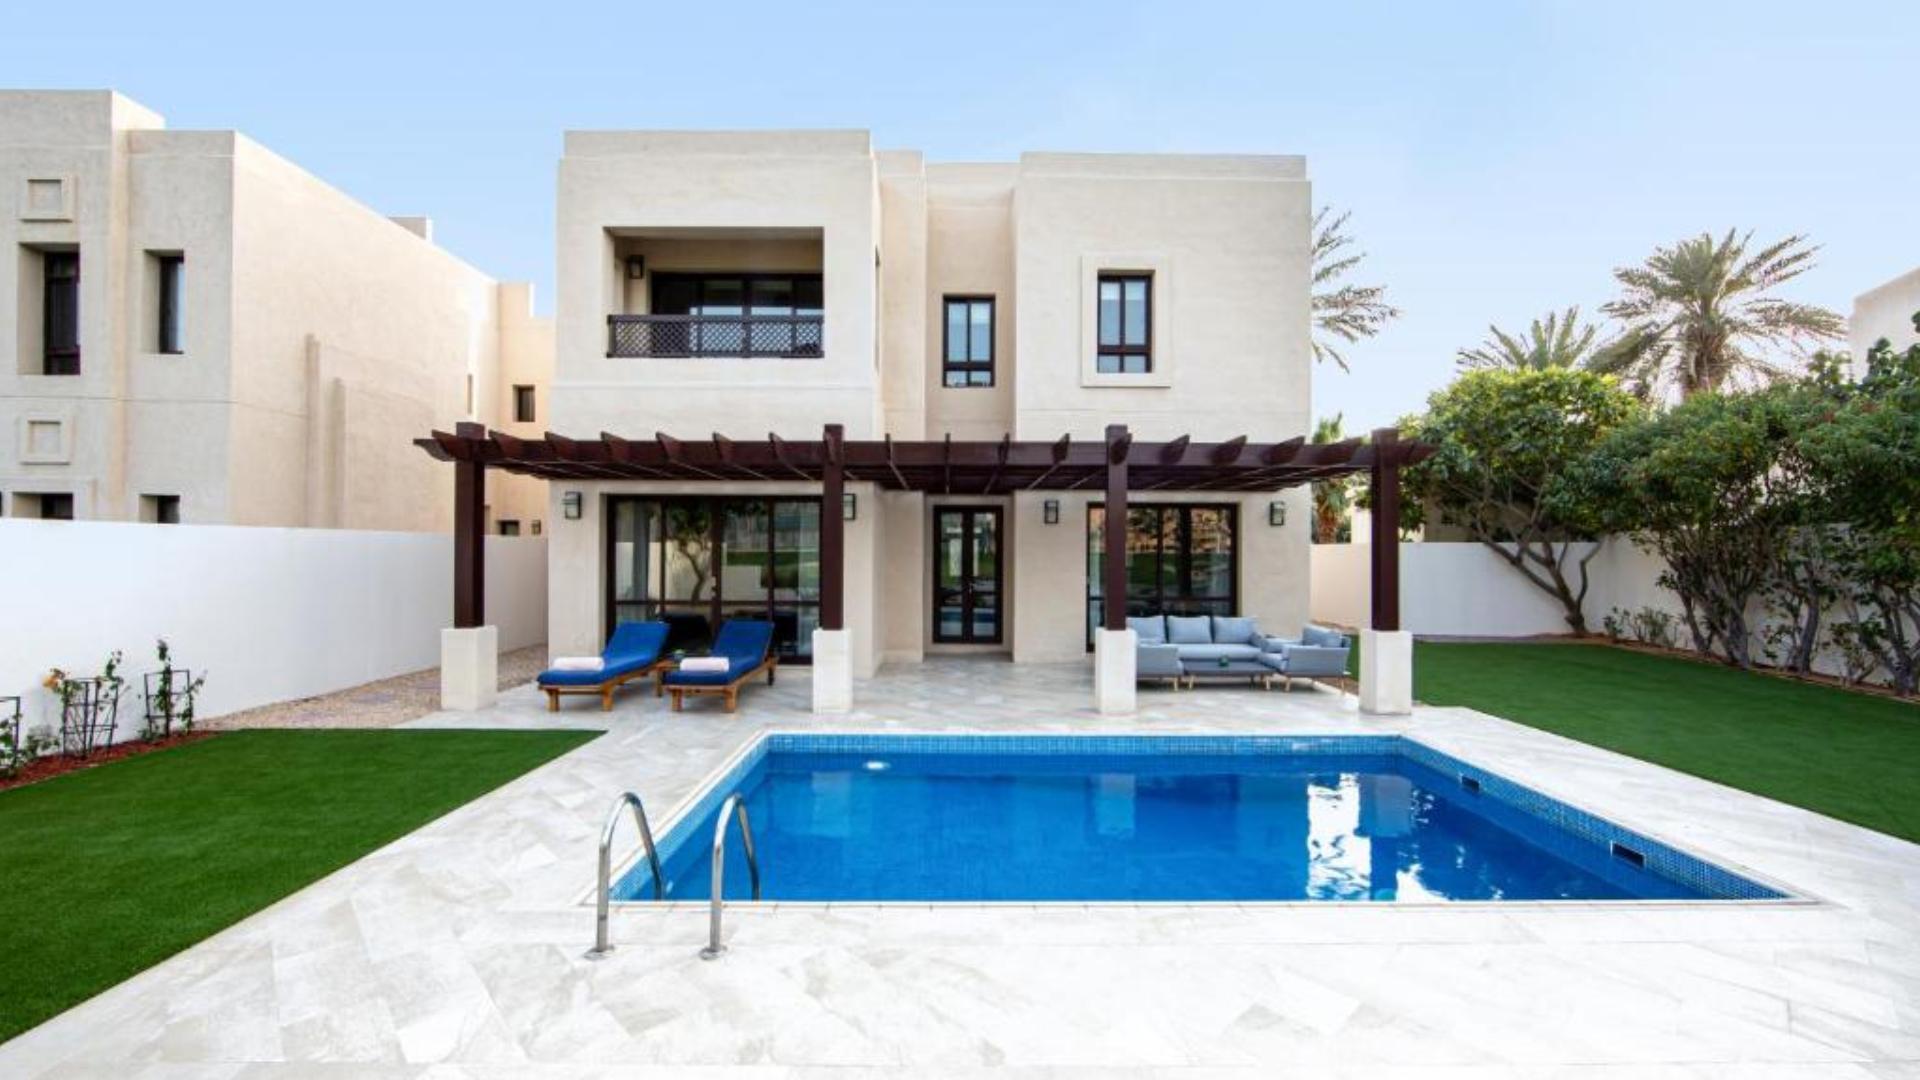 Villa en venta en Dubai, EAU, 4 dormitorios, 312 m2, № 24373 – foto 3